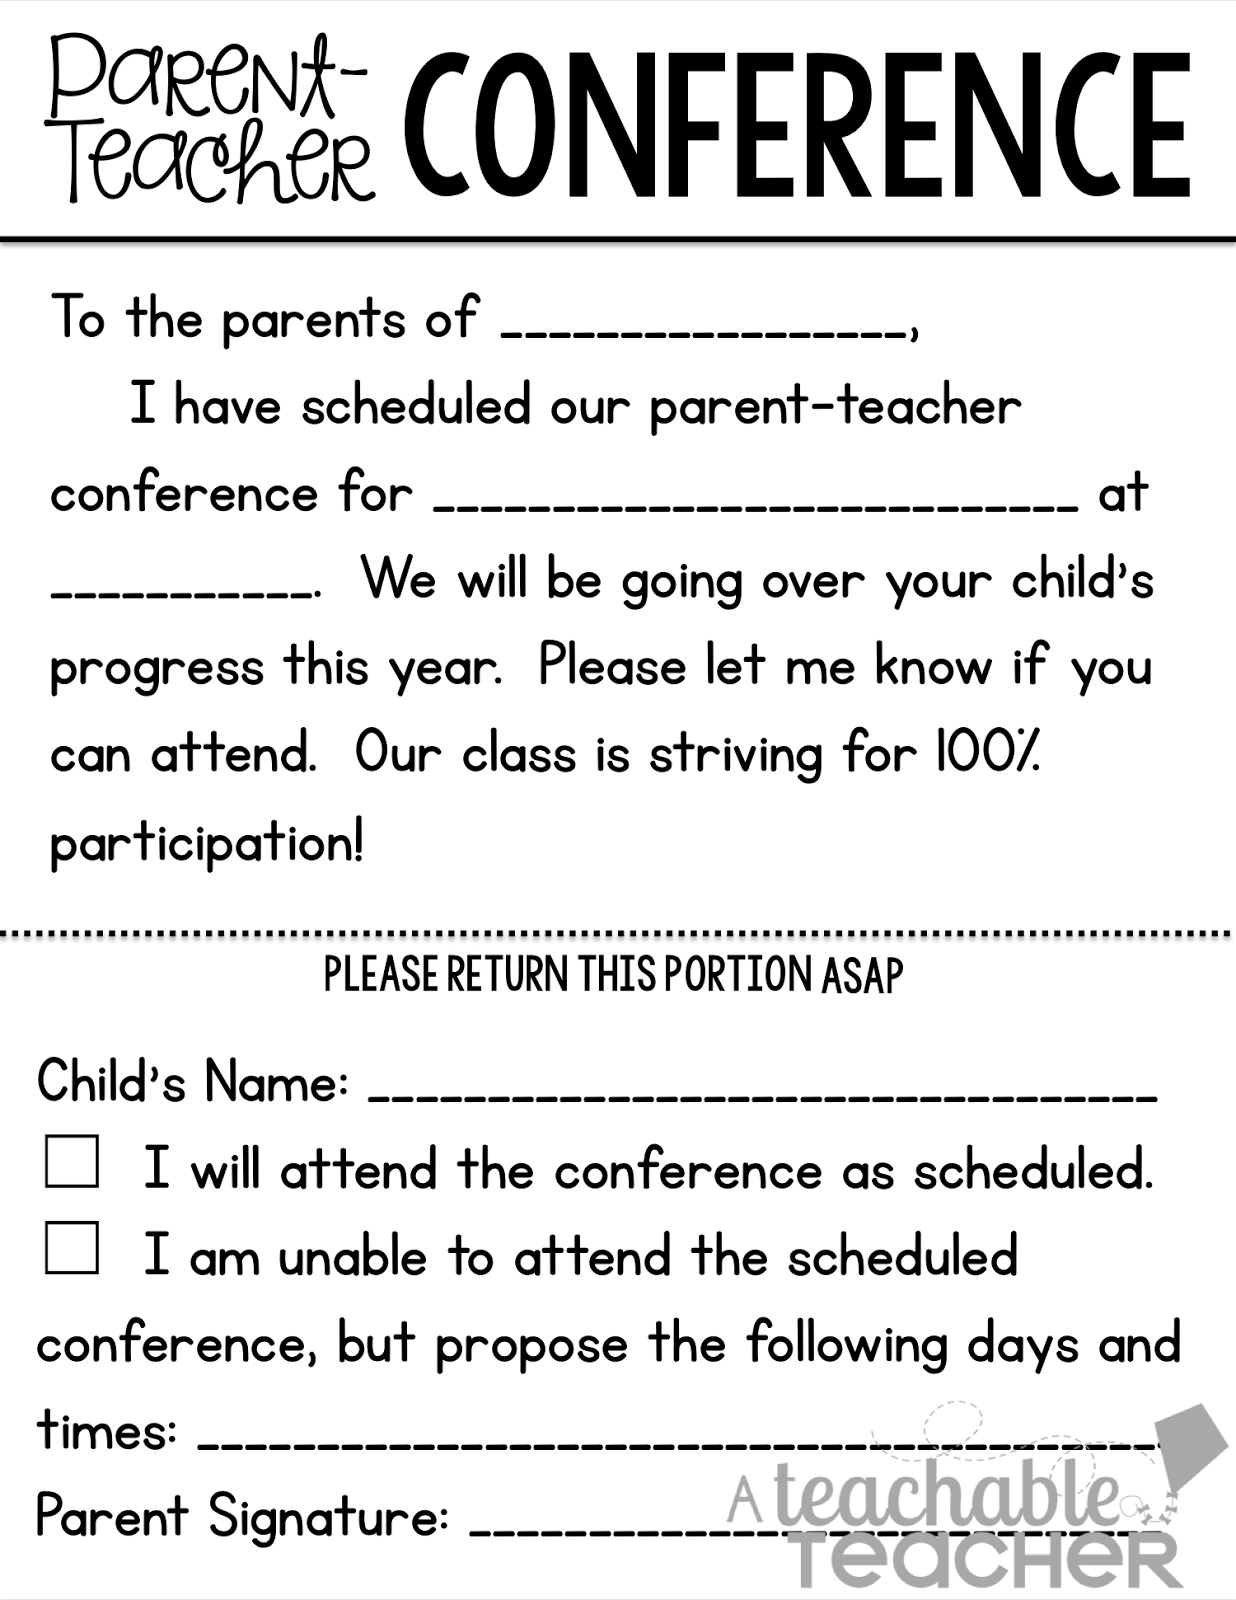 parent teacher conference forms teach pinterest teacher